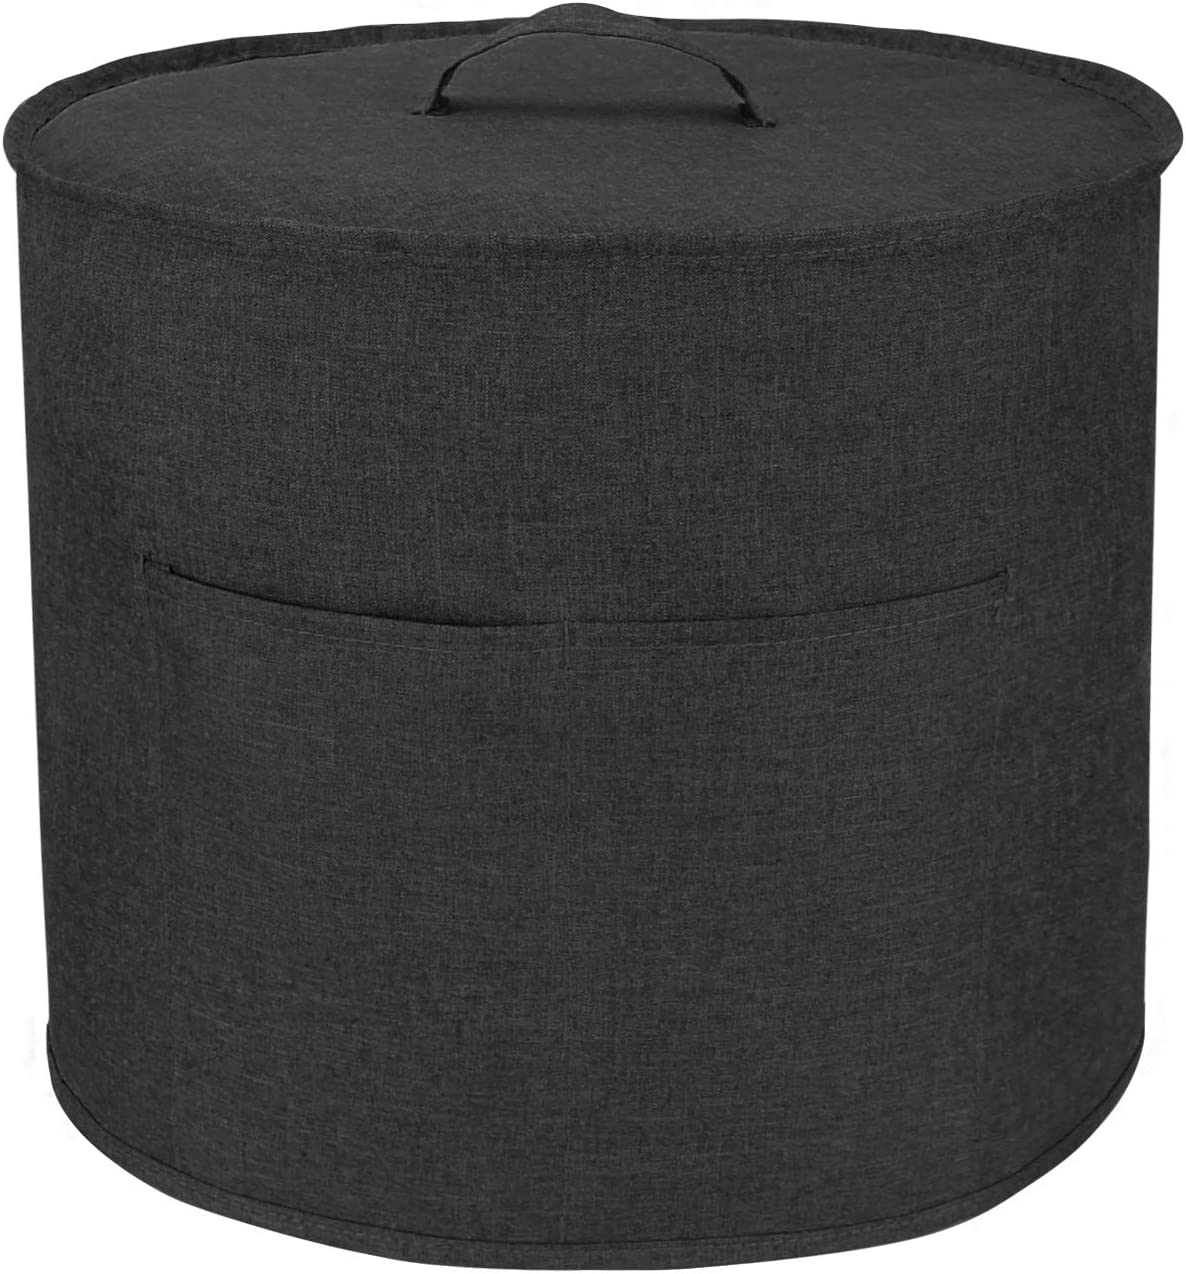 Noir matelass/é Luxja Housse pour Instant Pot IP-DUO60 Housse de Protection pour 6 Litre Autocuiseurs Electriques et Accessoires